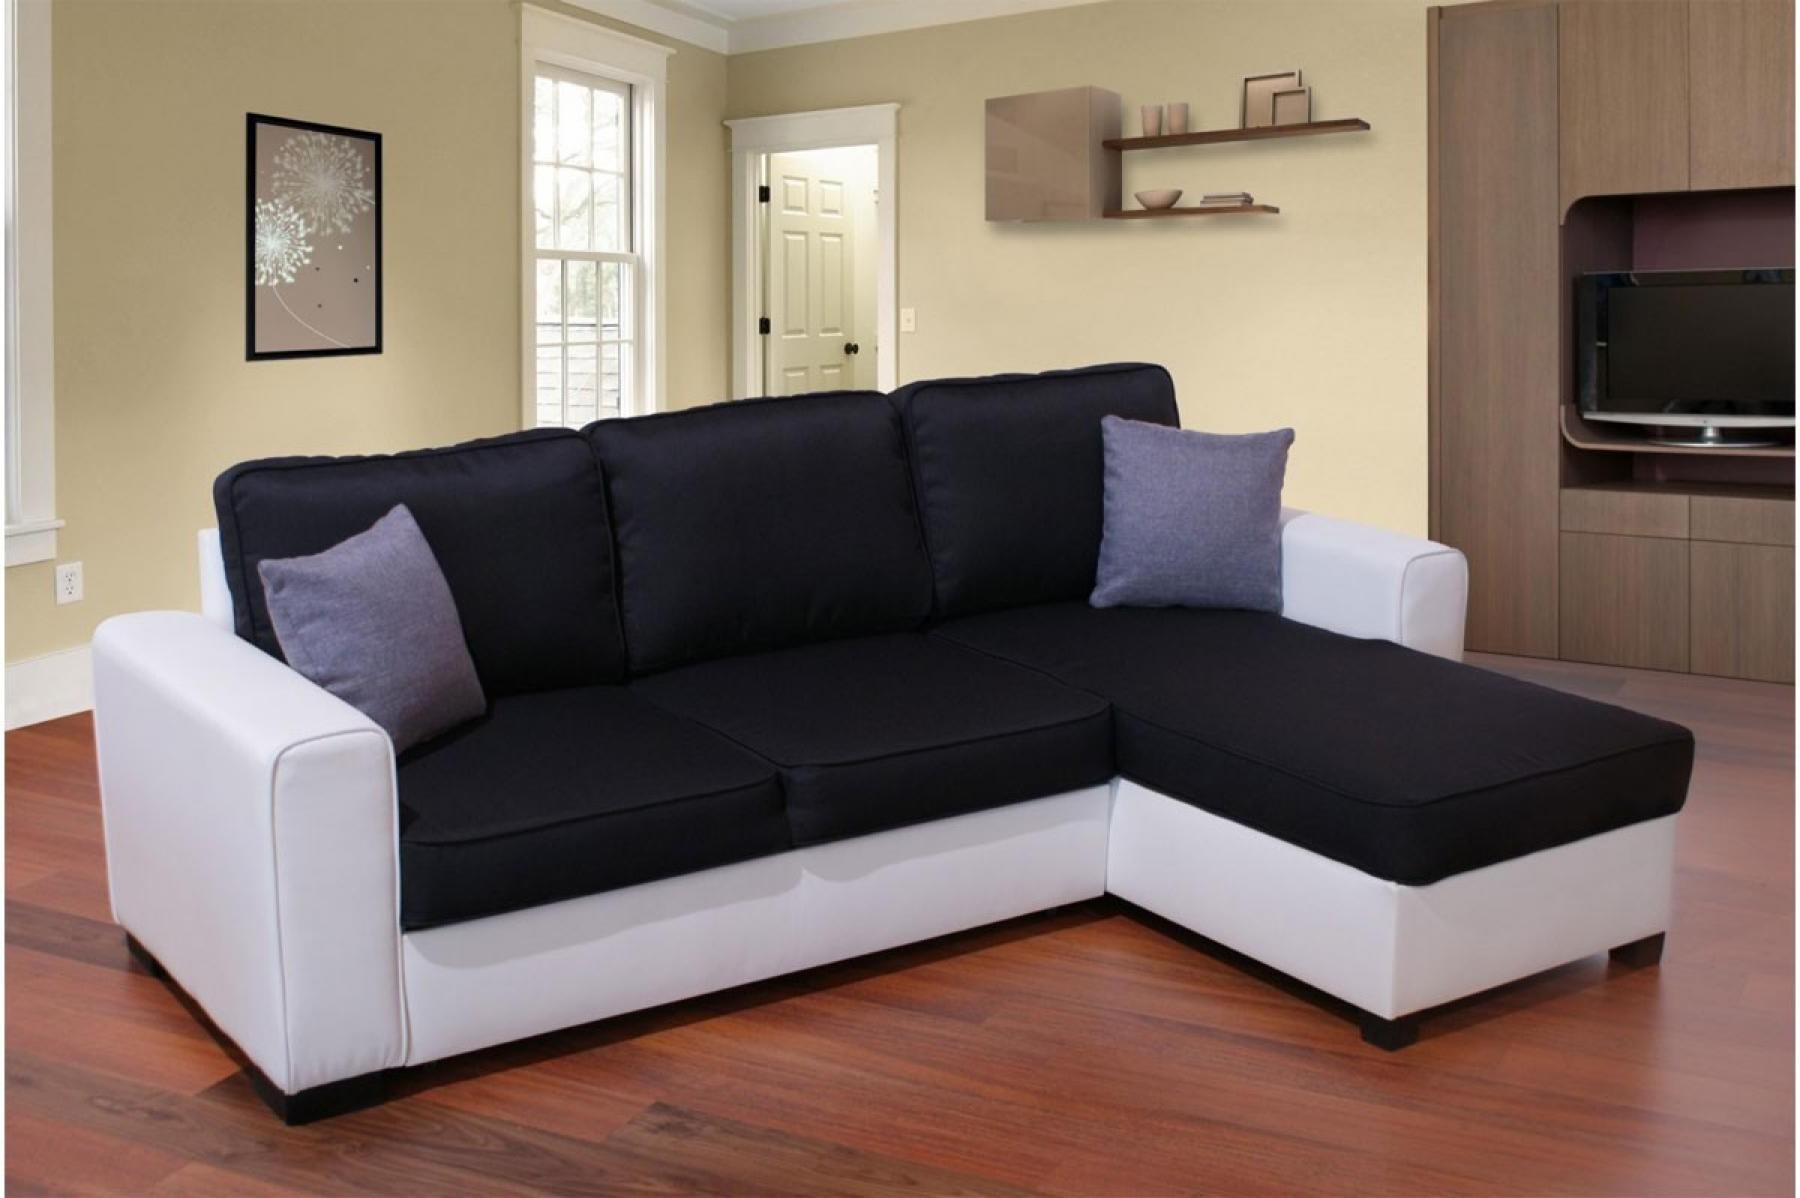 Canapé D'angle Noir Et Blanc Convertible